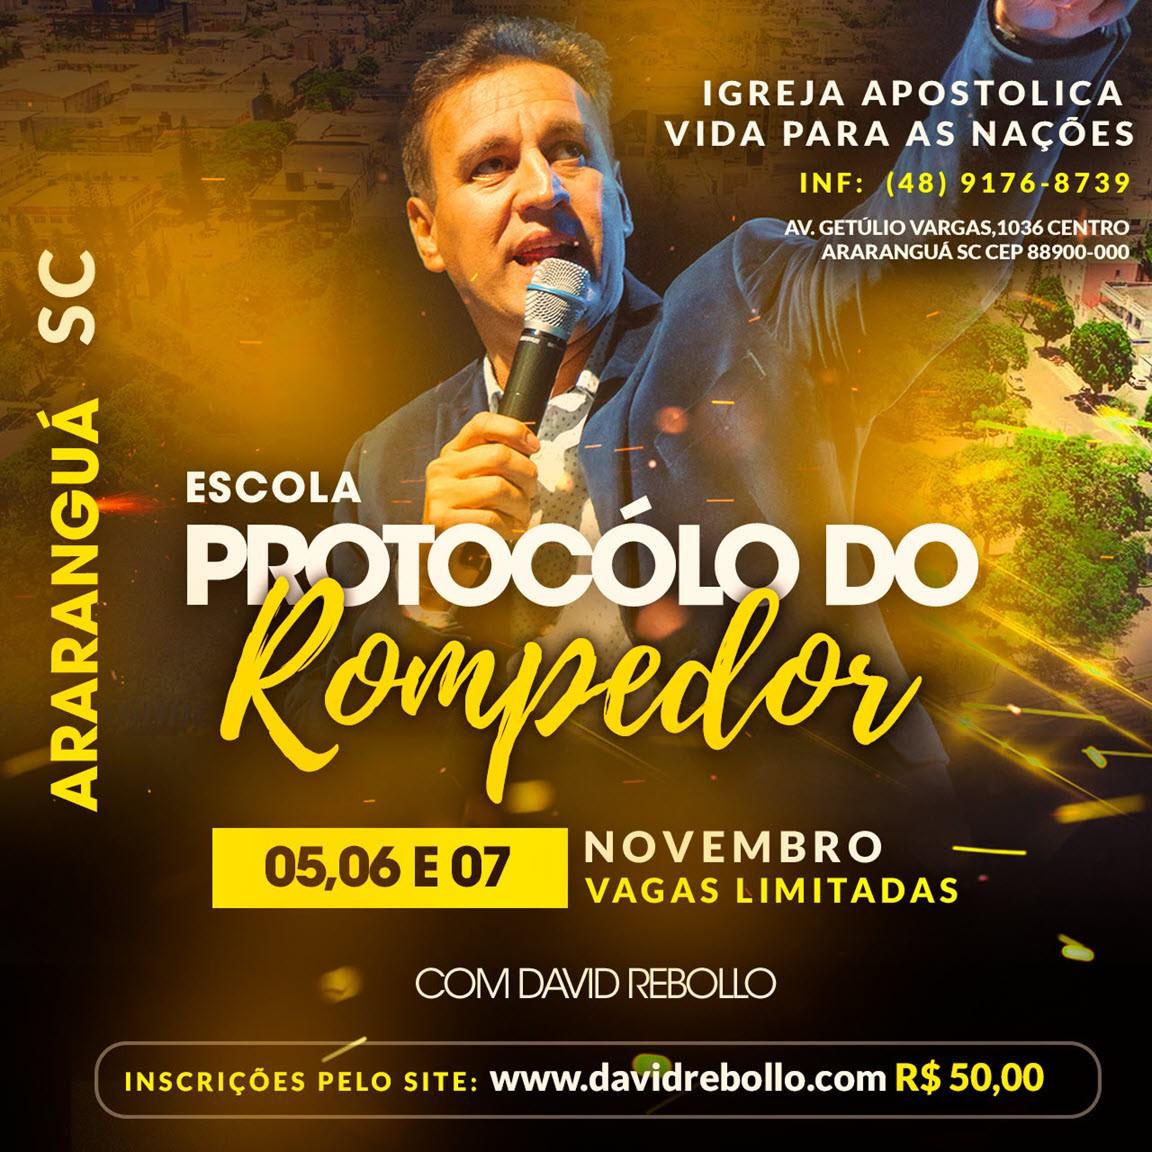 Escola Protocolos do Rompedor em Araranguá - ESGOTADO - Vendas disponíveis apenas no local